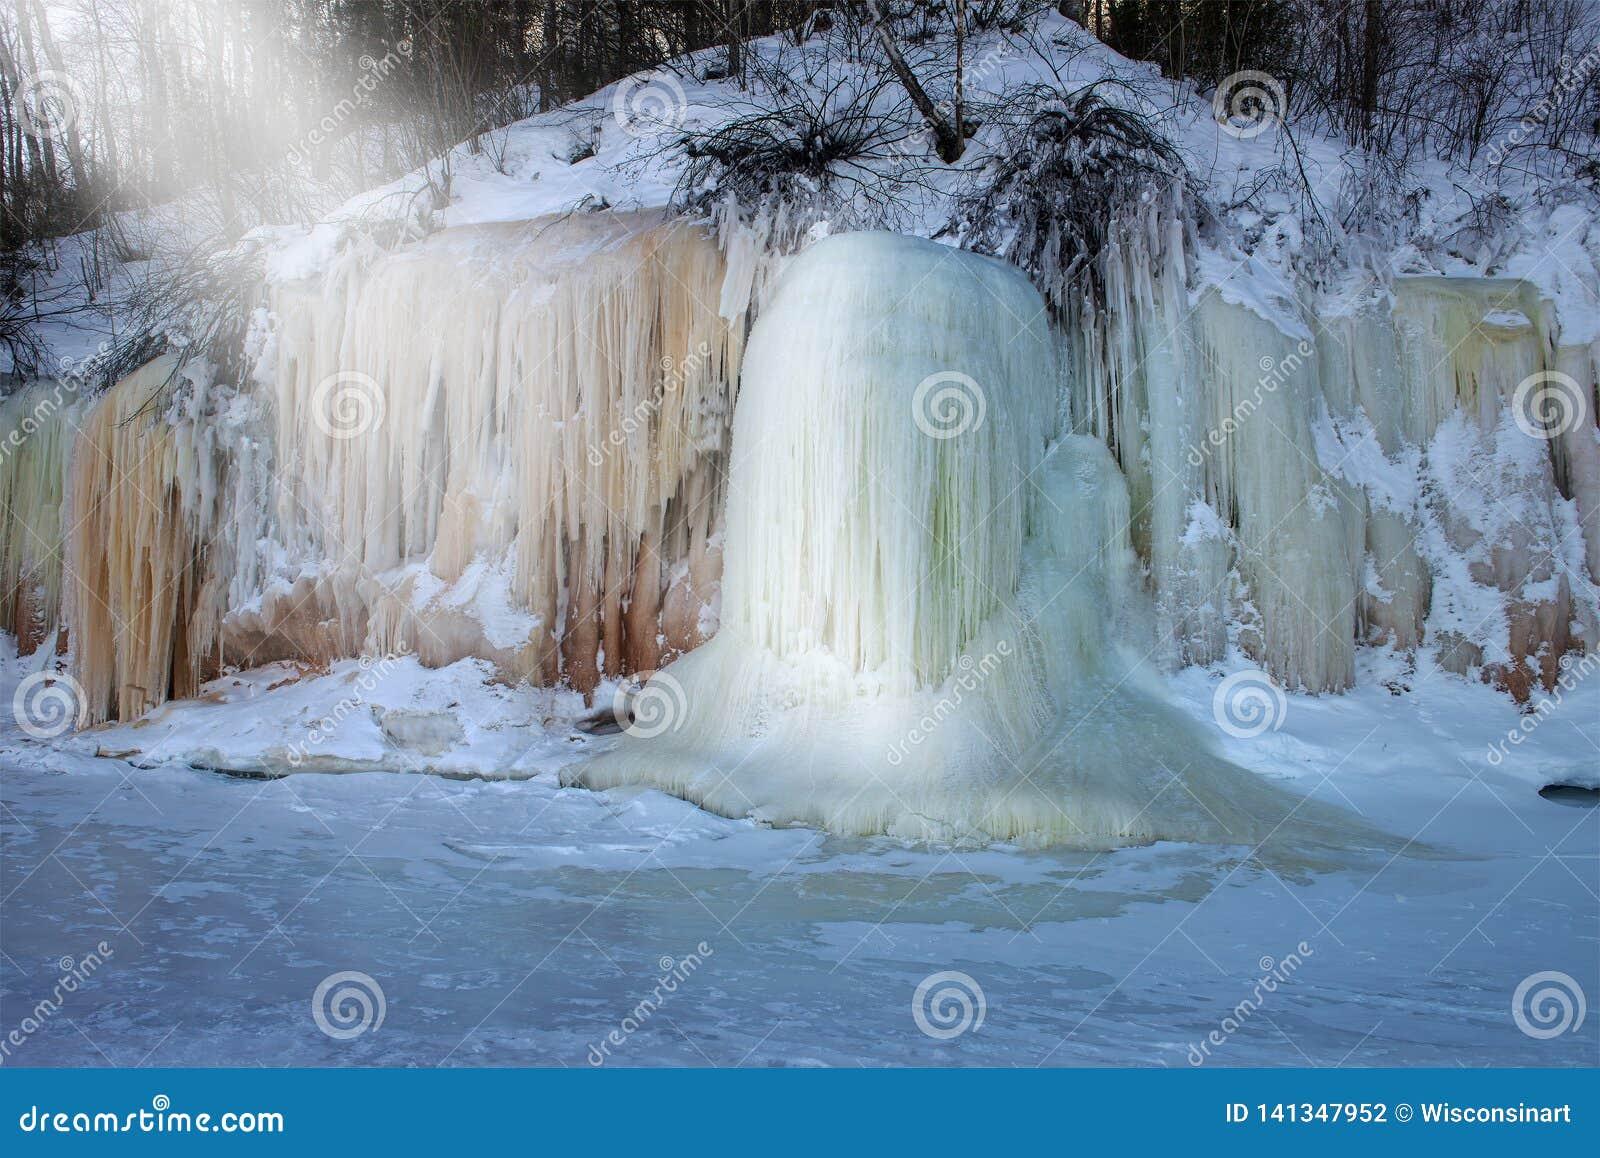 Σπηλιές πάγου νησιών αποστόλων, χειμώνας, ταξίδι Ουισκόνσιν